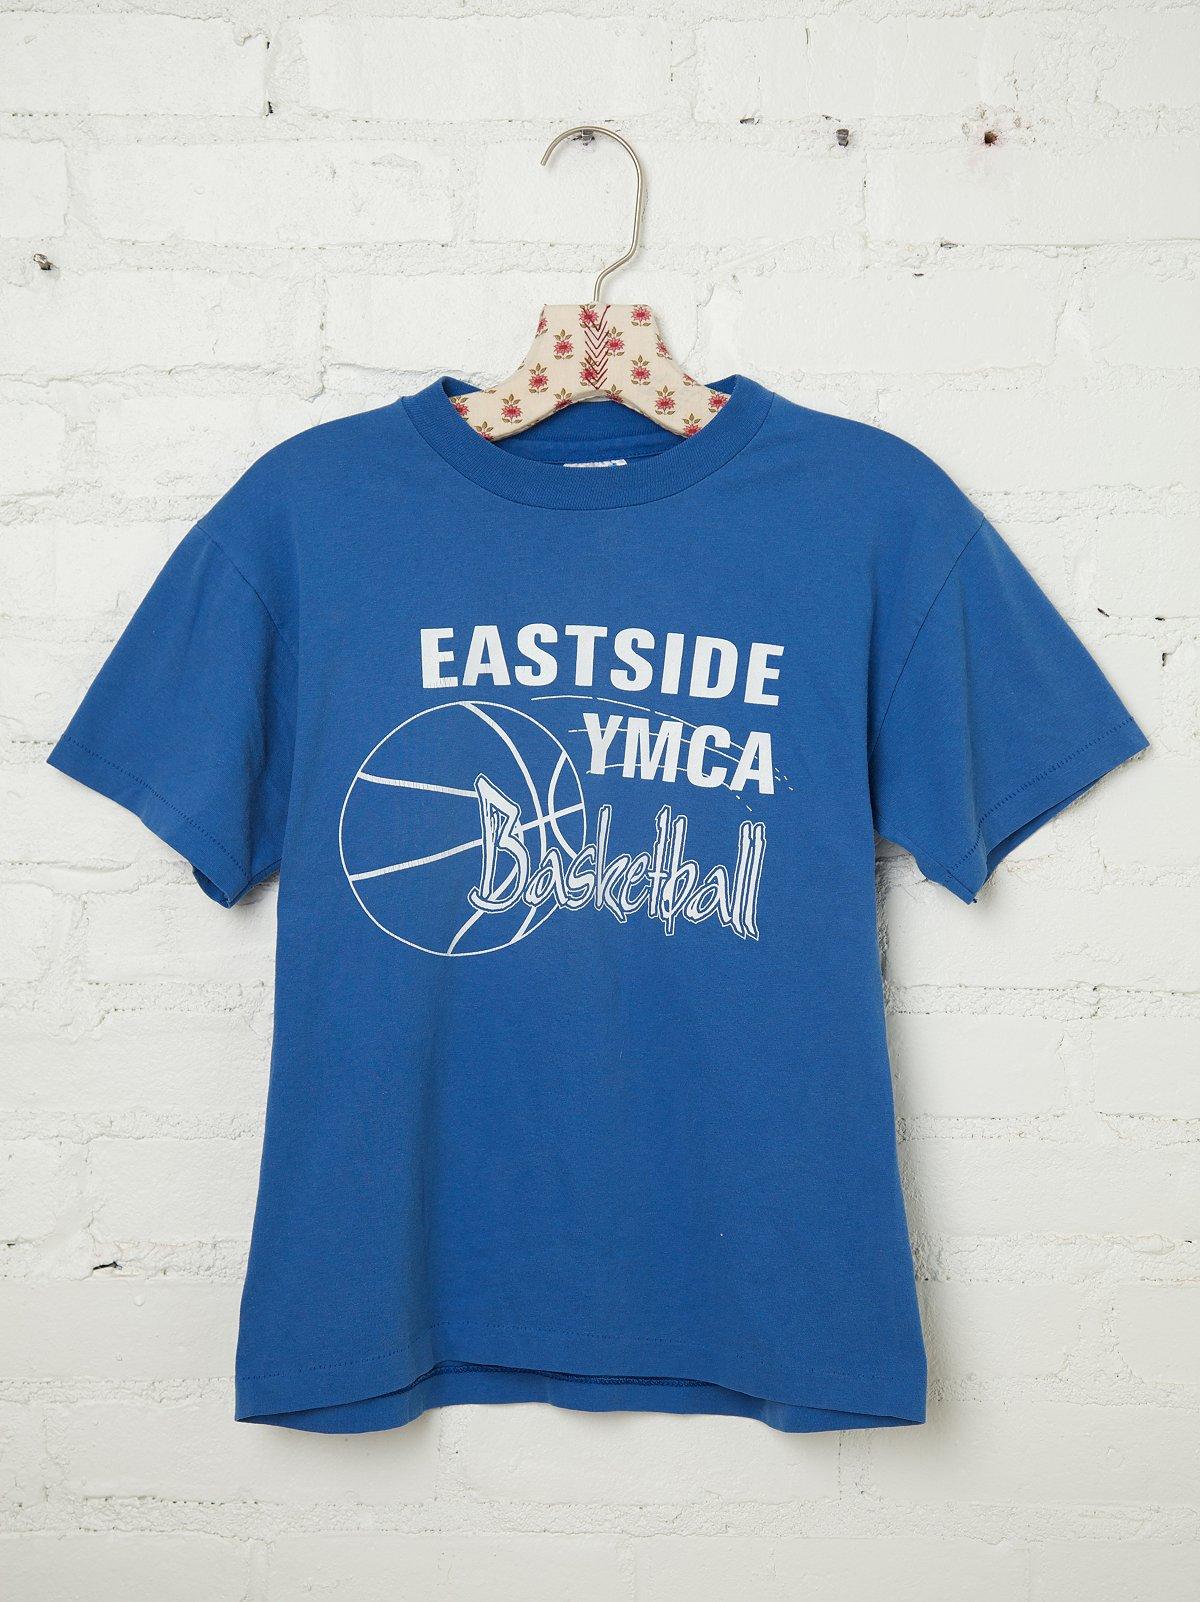 Vintage Eastside YMCA Tee